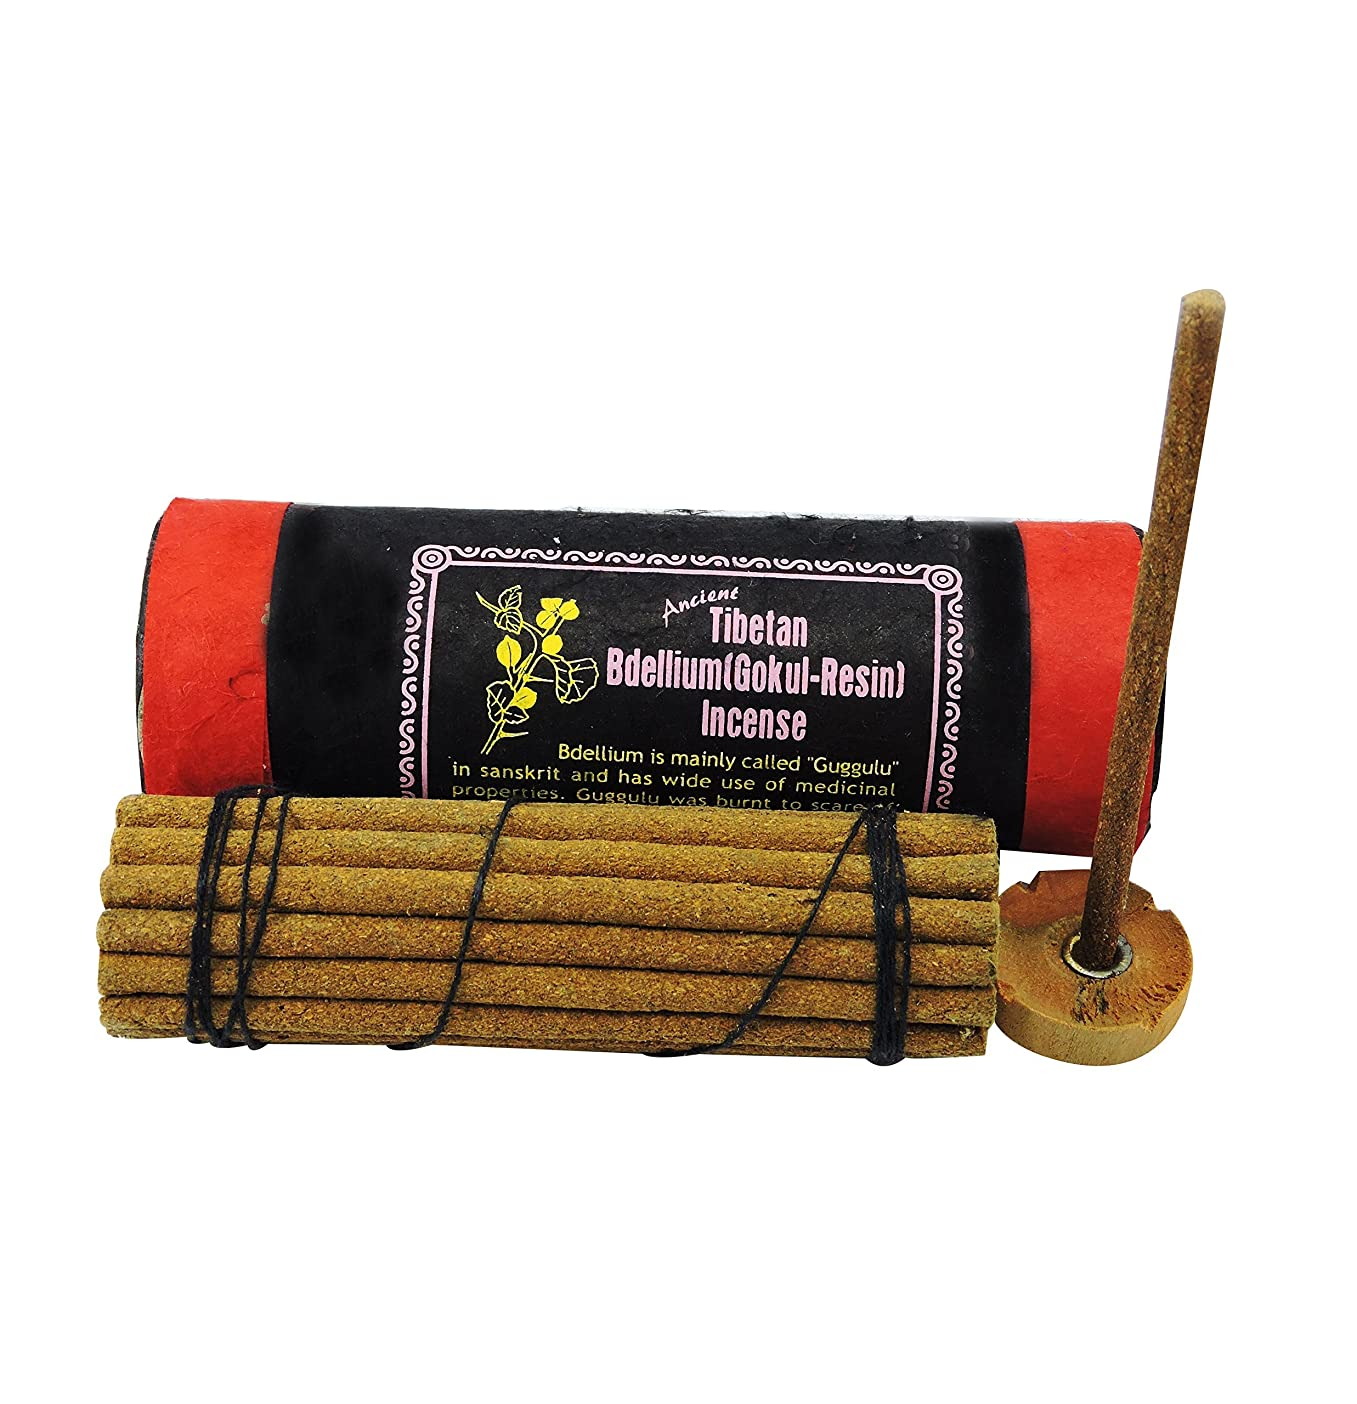 塊分泌する専門Ancient Tibetan Bdellium gokul-樹脂Incense